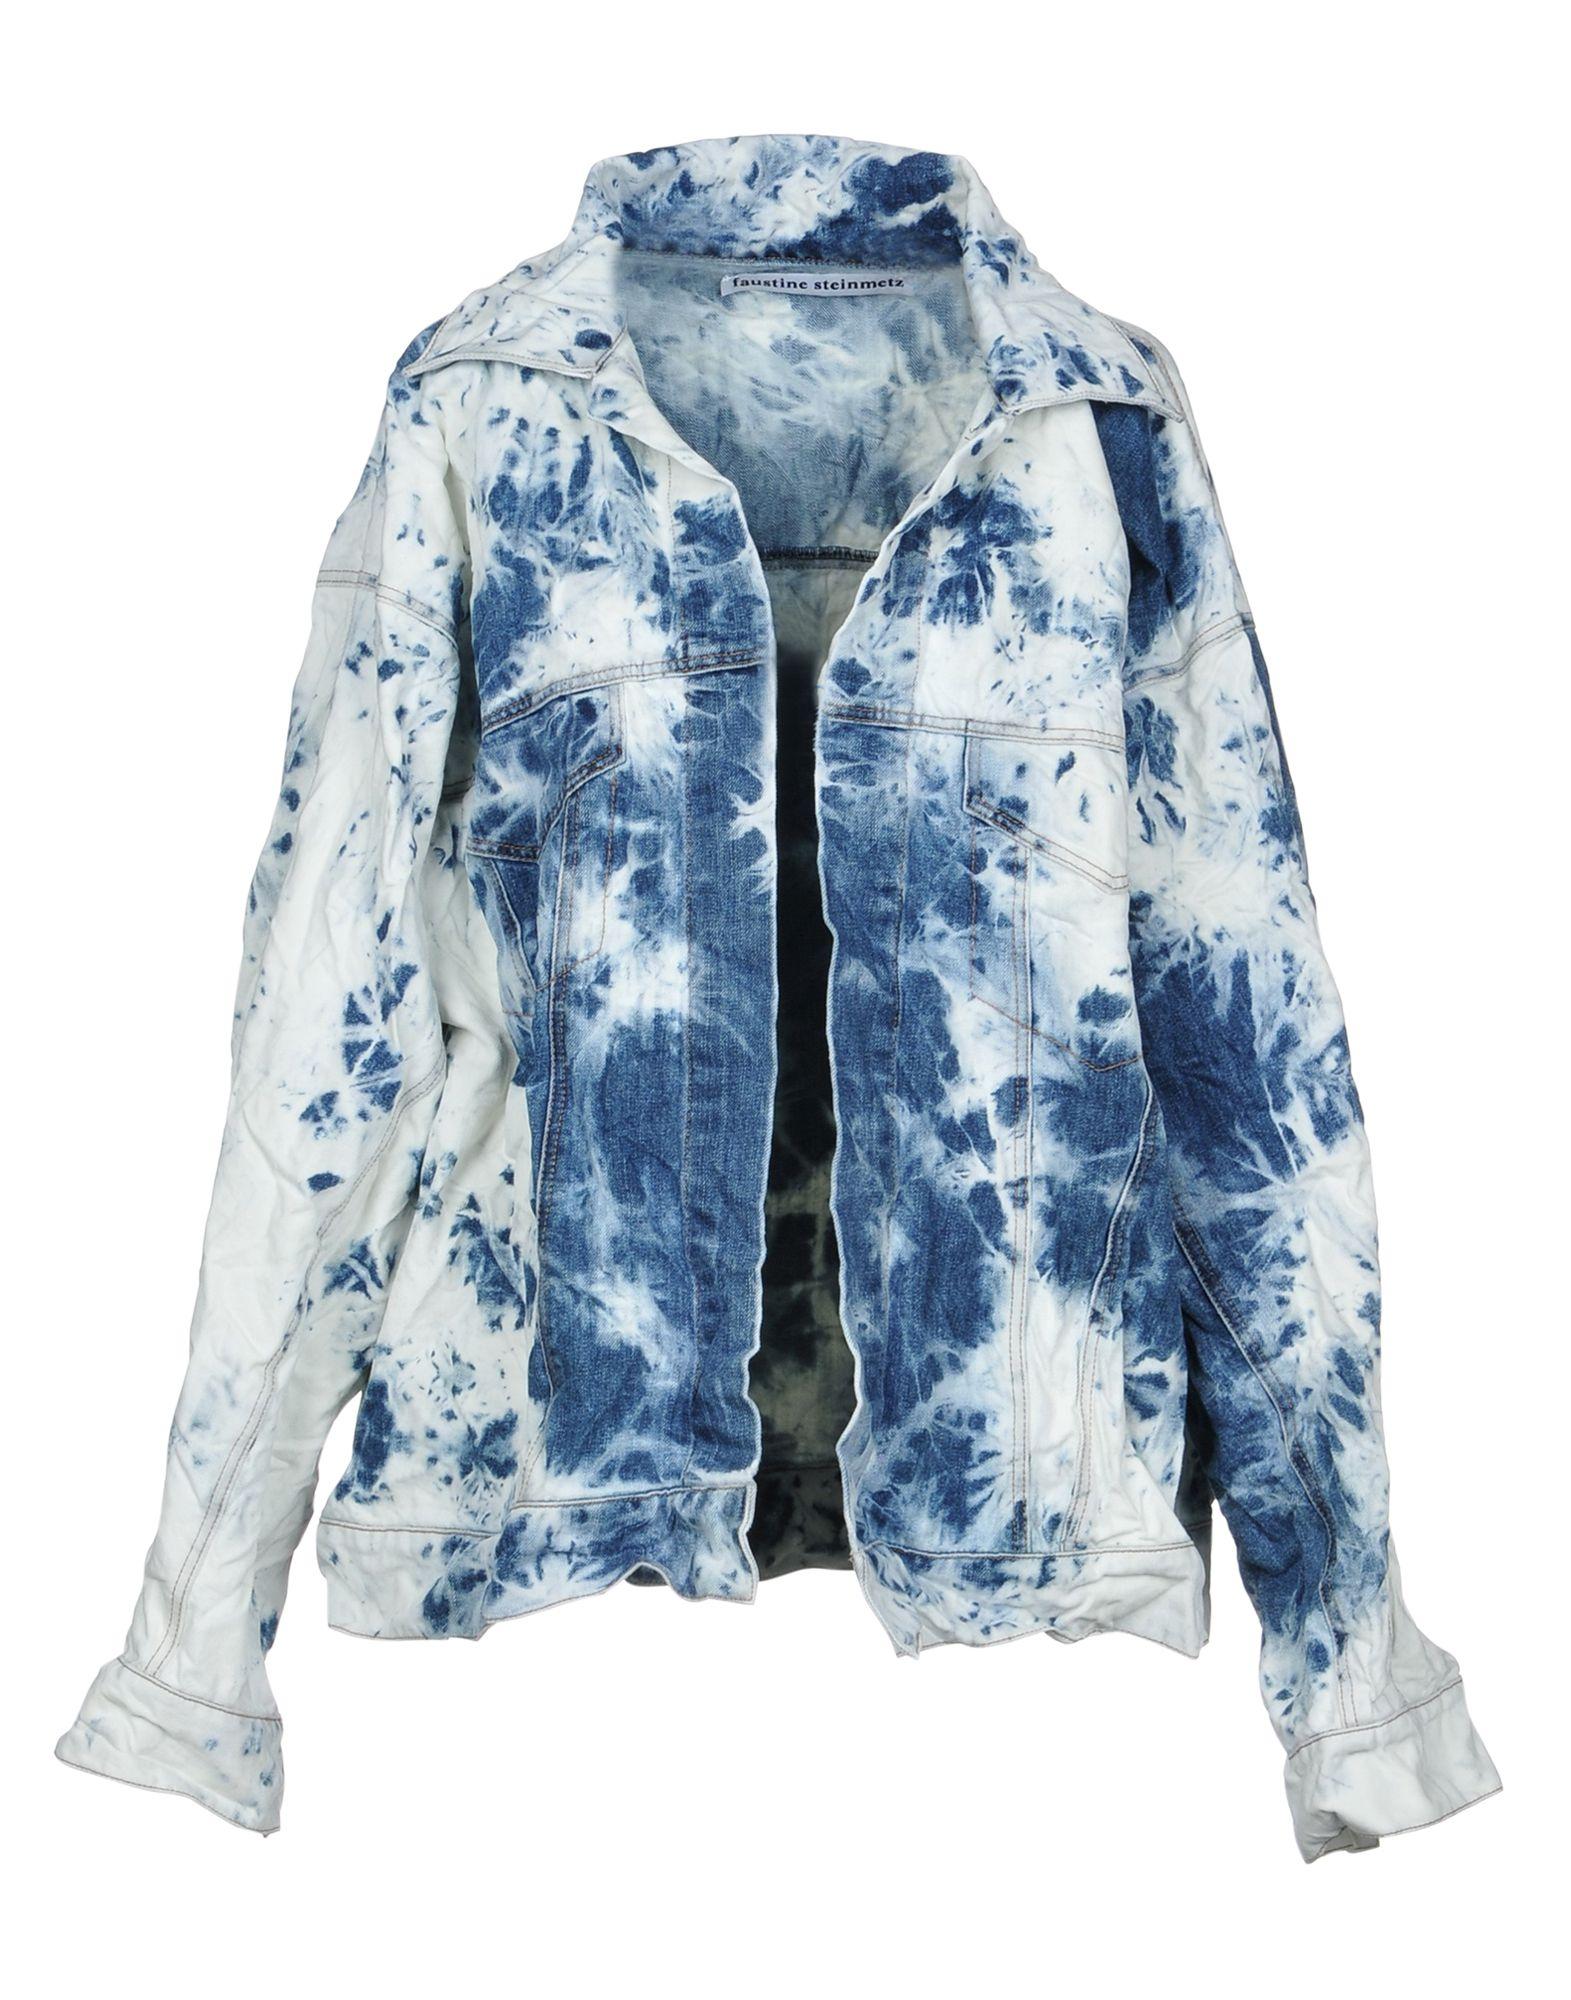 FAUSTINE STEINMETZ Джинсовая верхняя одежда брендовая одежда